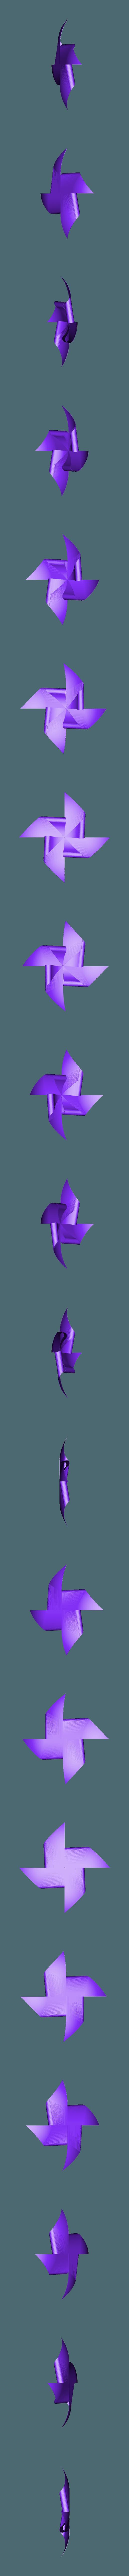 100x100x02.stl Télécharger fichier STL gratuit Moulin à vent en papier (polyhedra-folie) • Objet pour imprimante 3D, Wachet